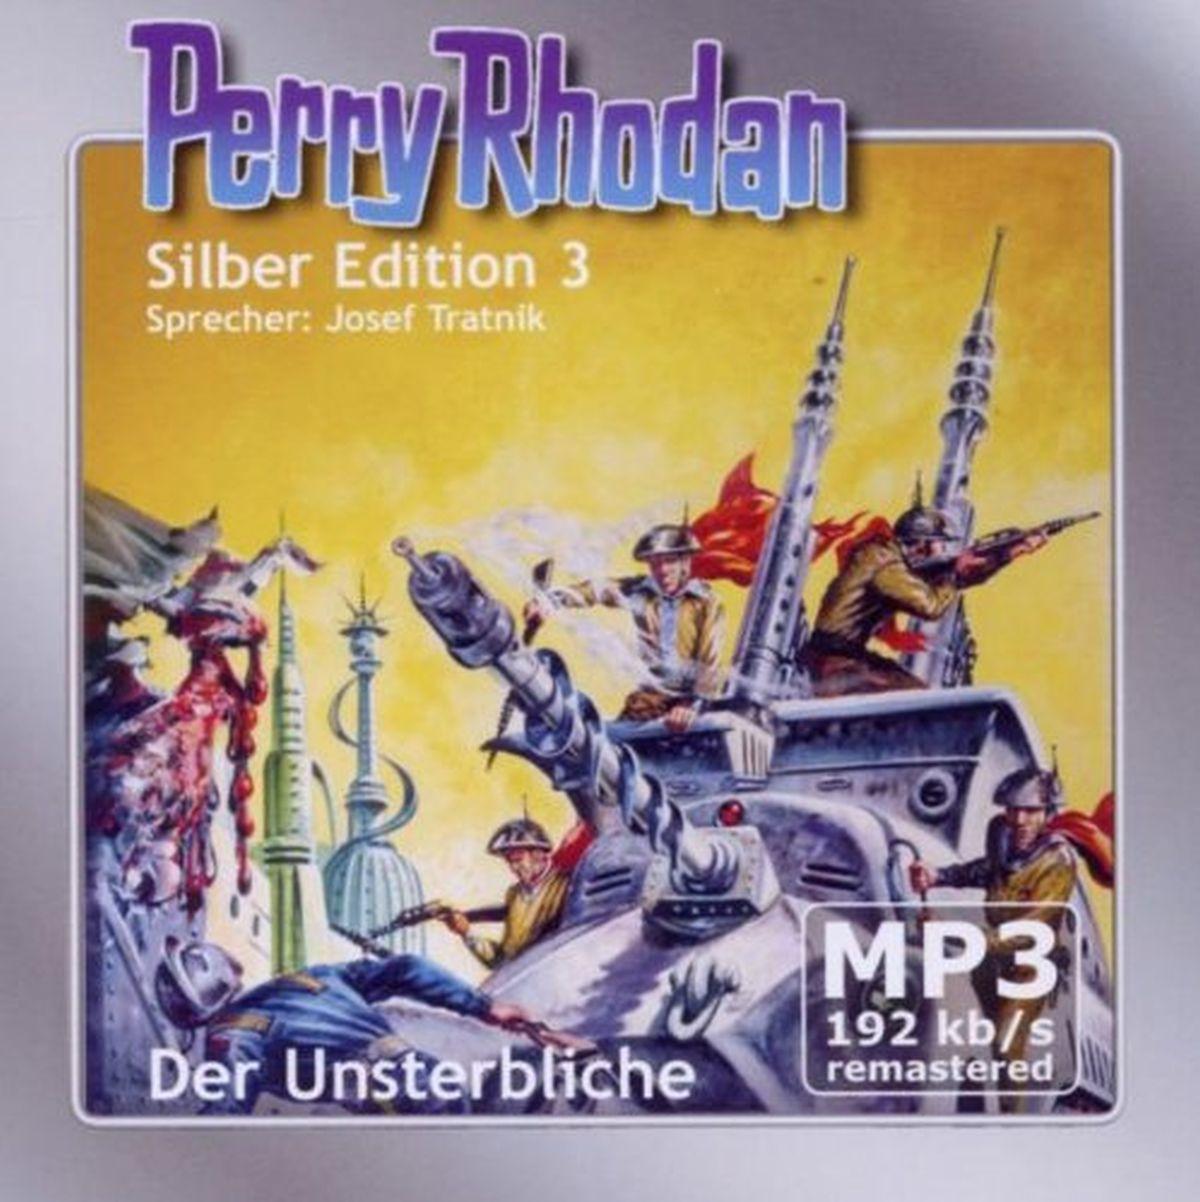 Perry Rhodan Silber Edition (mp3-CDs) 03 - Der Unsterbliche - Remastered